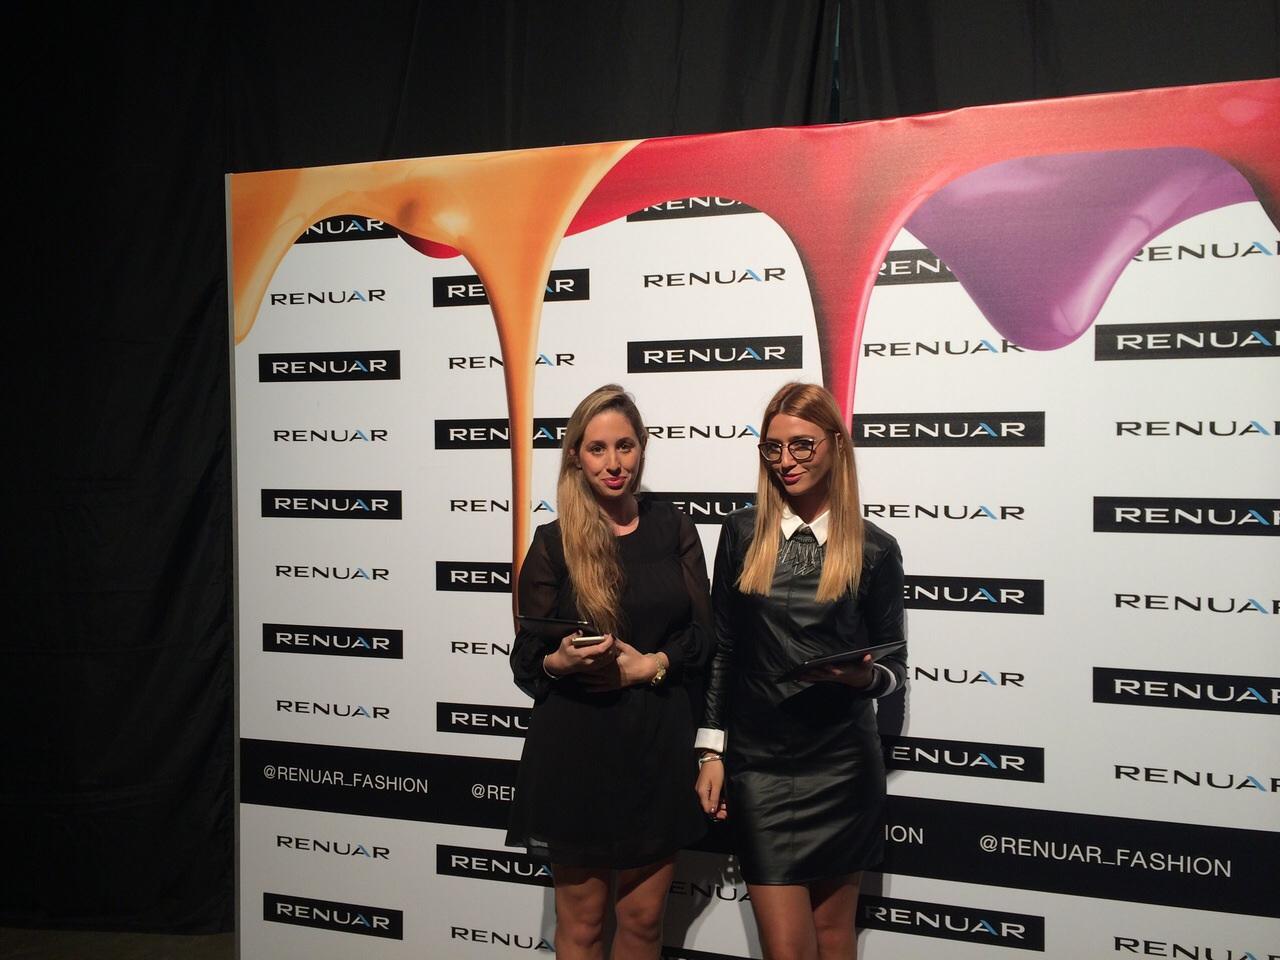 דיילות רישום בתצוגת אופנה של רנואר